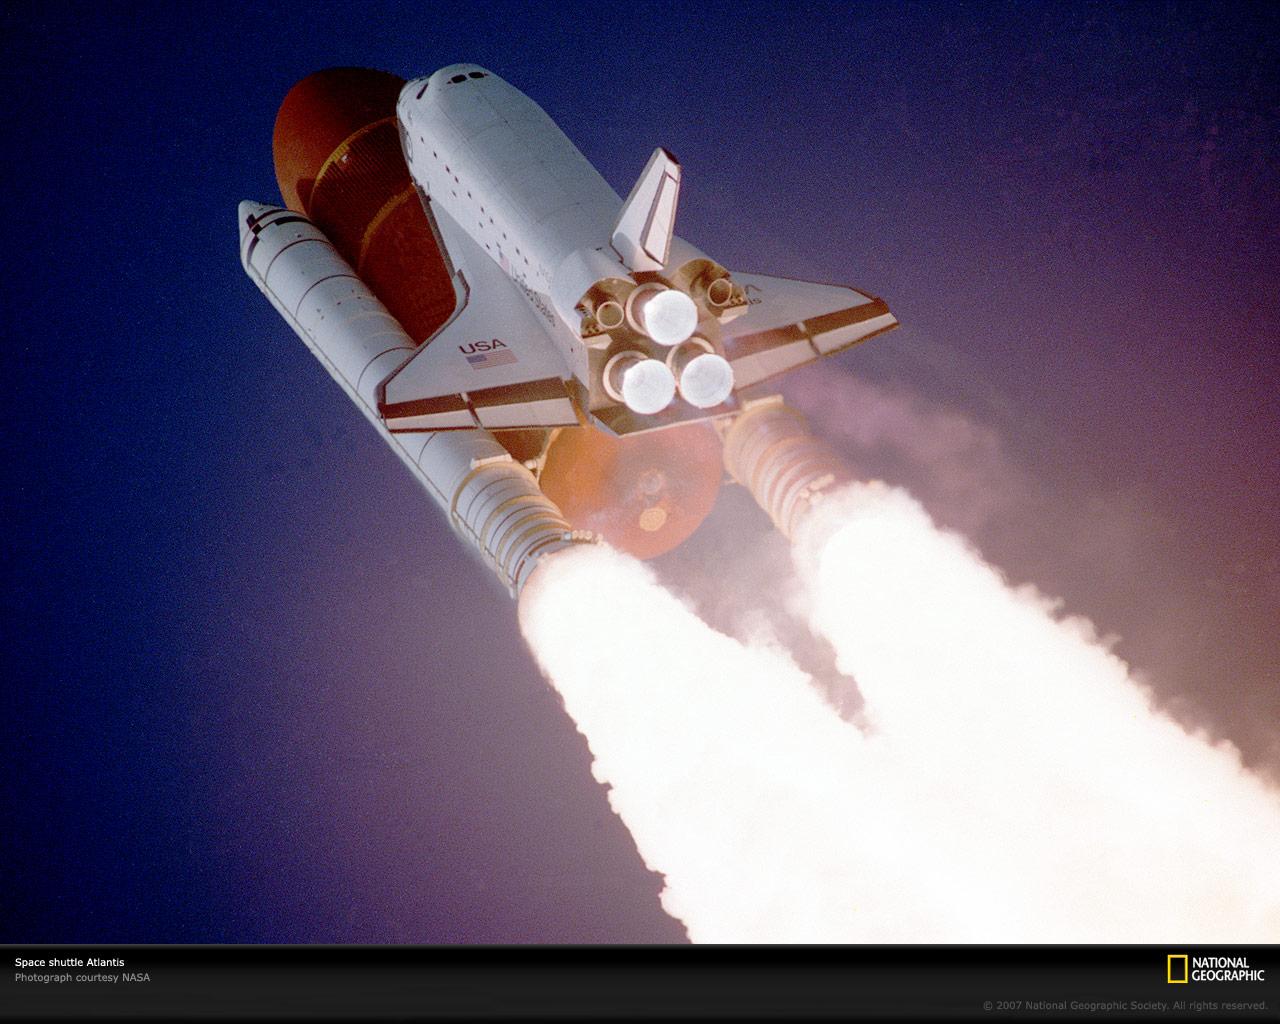 http://2.bp.blogspot.com/-VBFo3cr0FY0/Tv0cUCrCFmI/AAAAAAAAFMo/CvQuf1wCAis/s1600/space-shuttle-atlantis.jpg